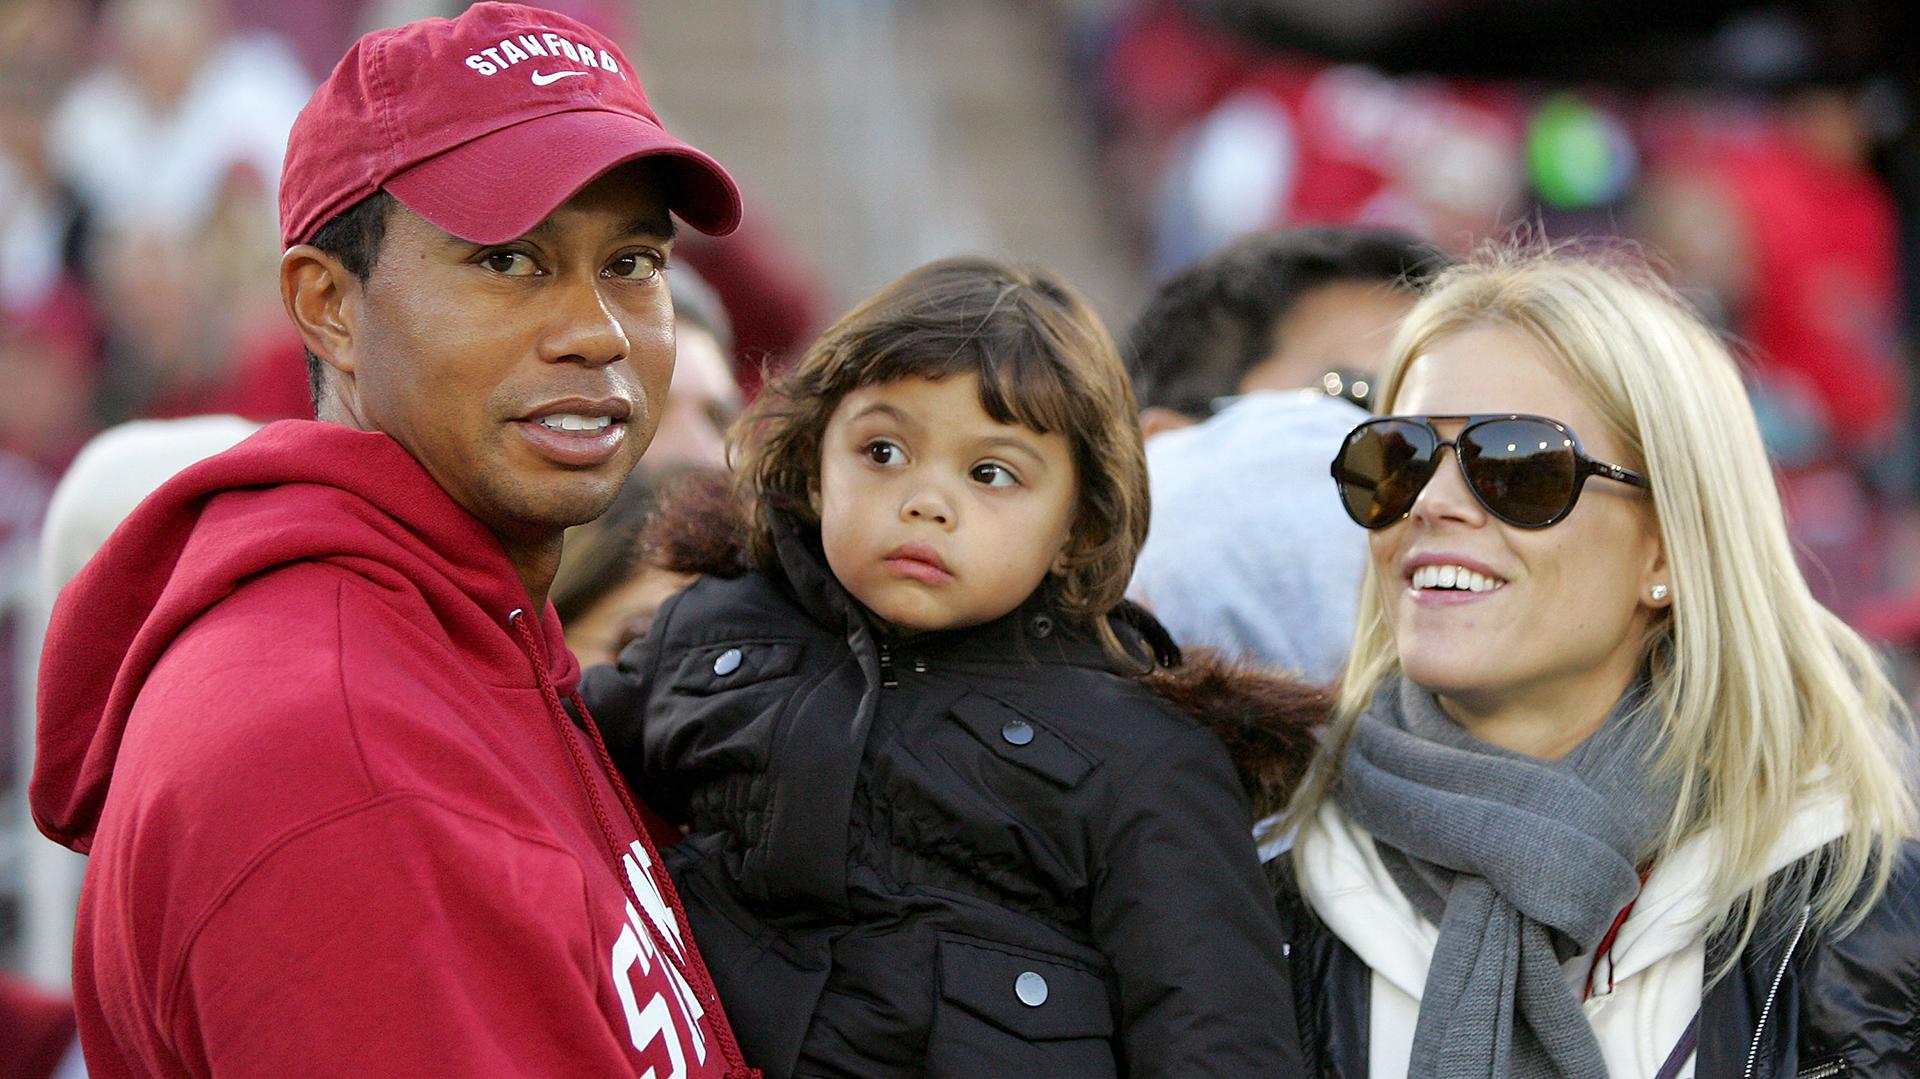 Tiger Woods haría una rehabilitación a sus adicciones para no perder a sus  hijos - Infobae